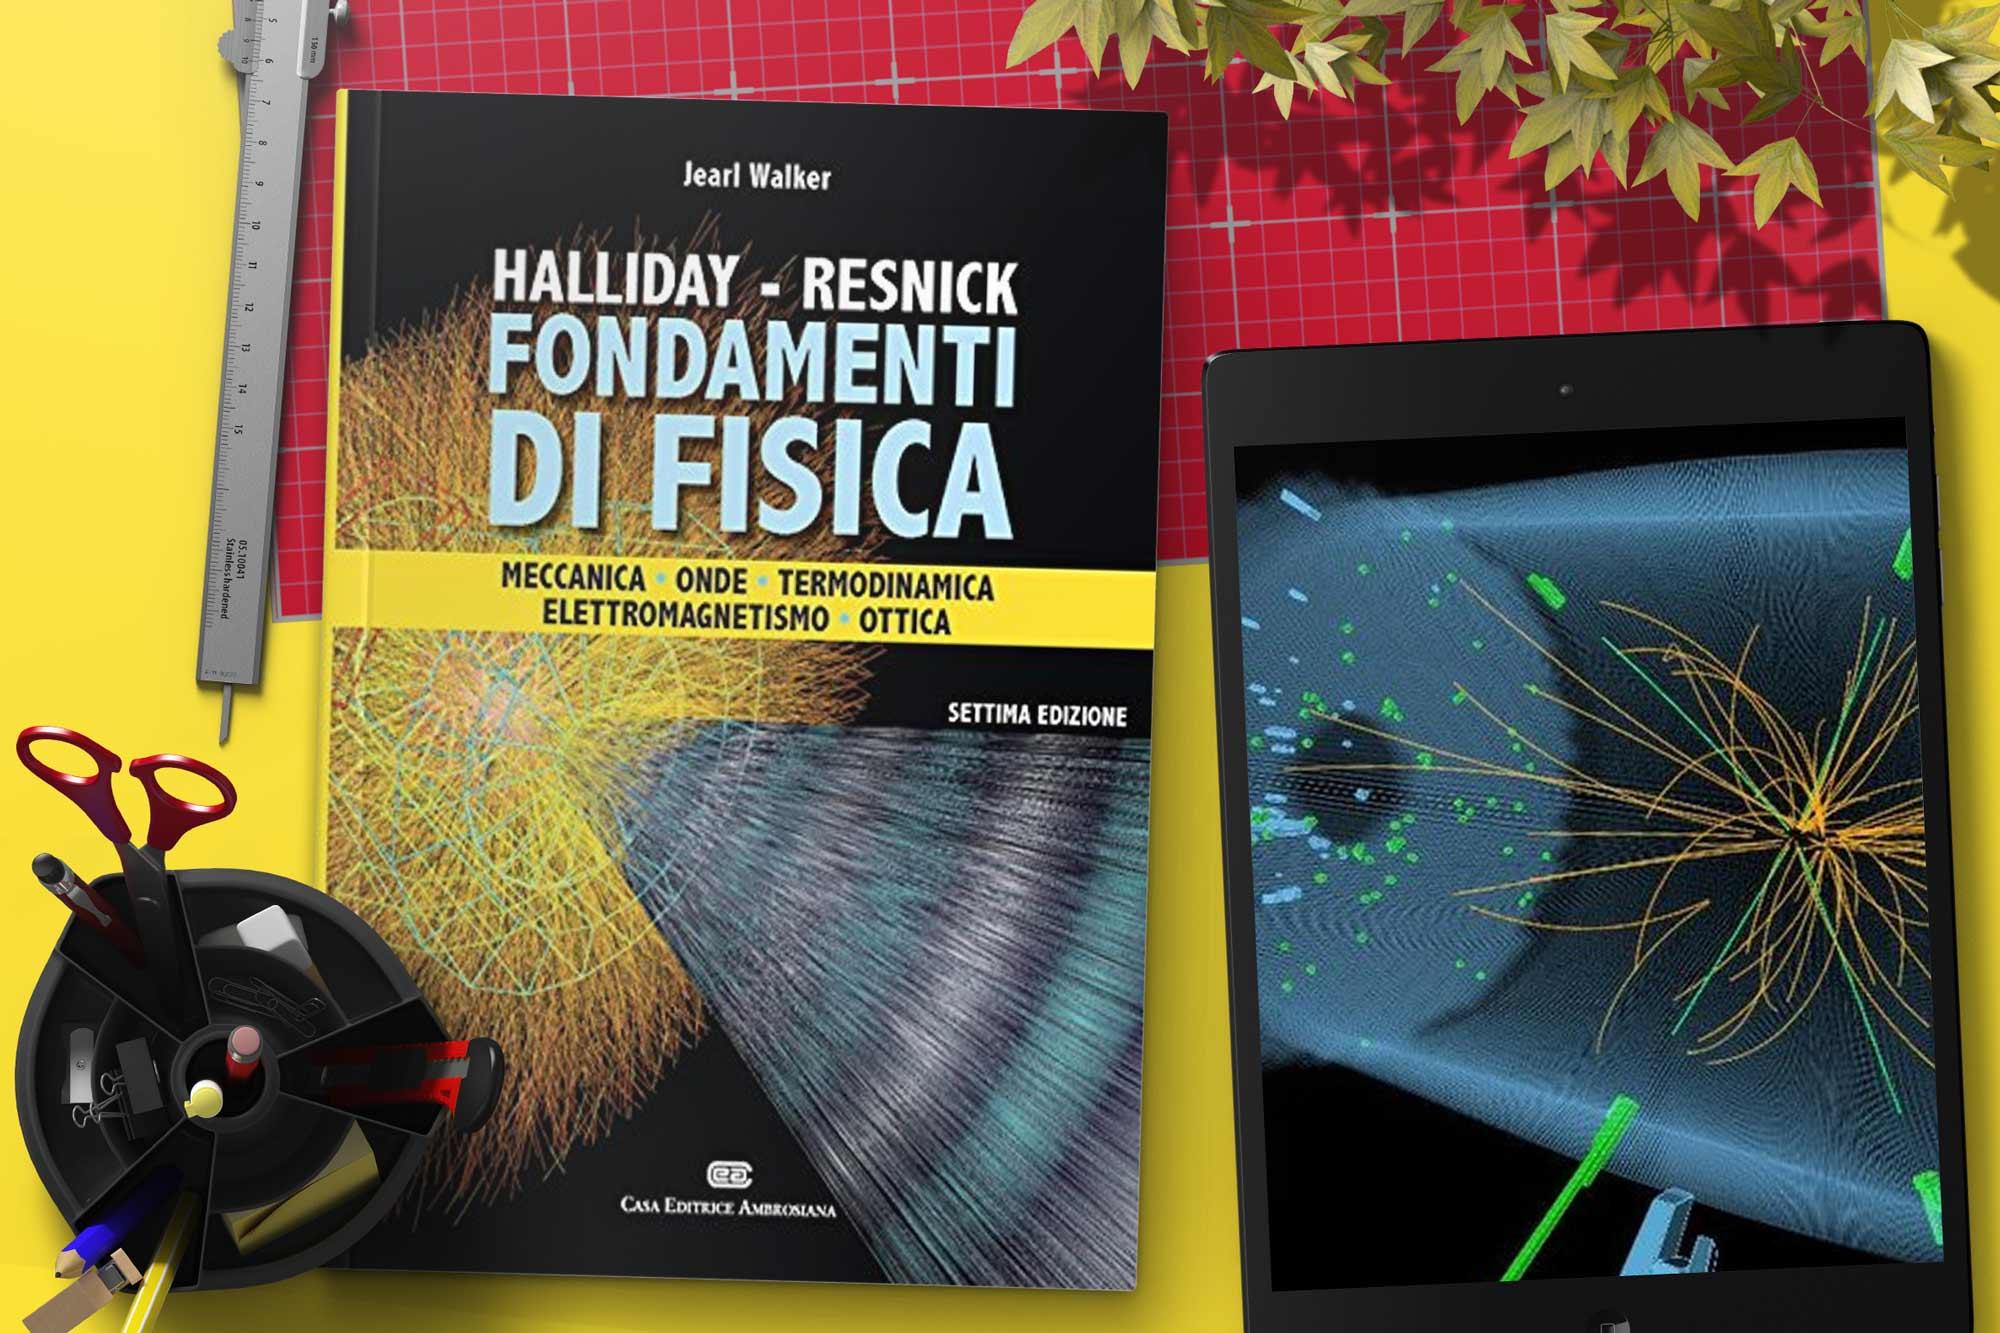 miglior-libro-di-fisica